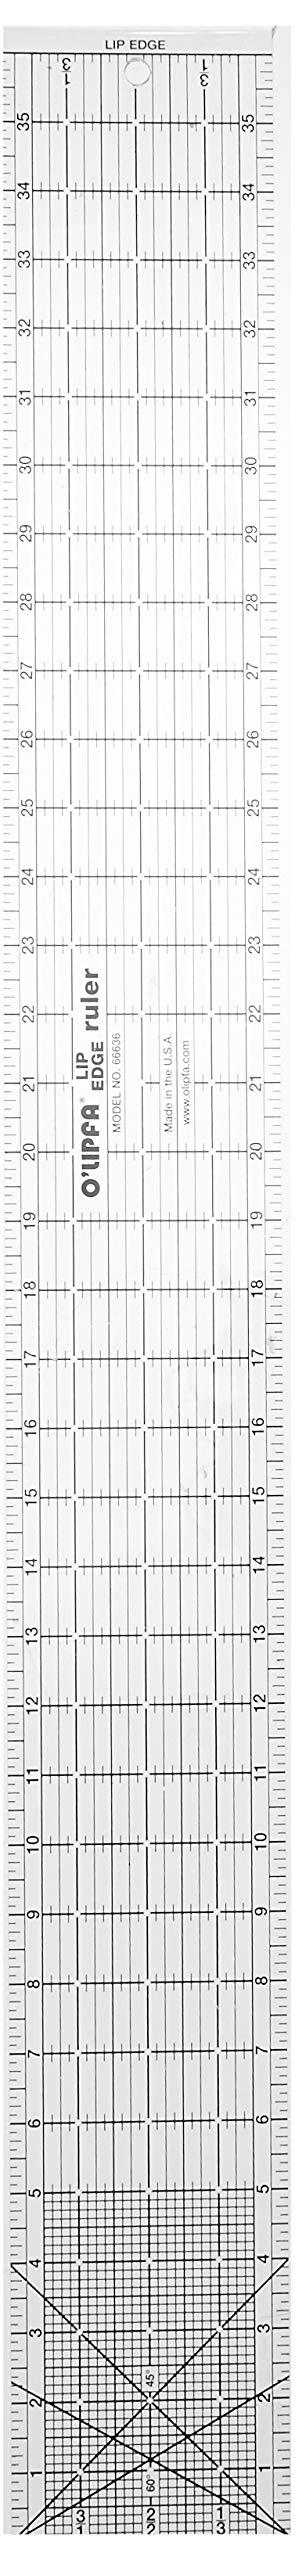 O'Lipfa 66636 Ruler with Lip Edge, 4 x 36-Inch by O'Lipfa